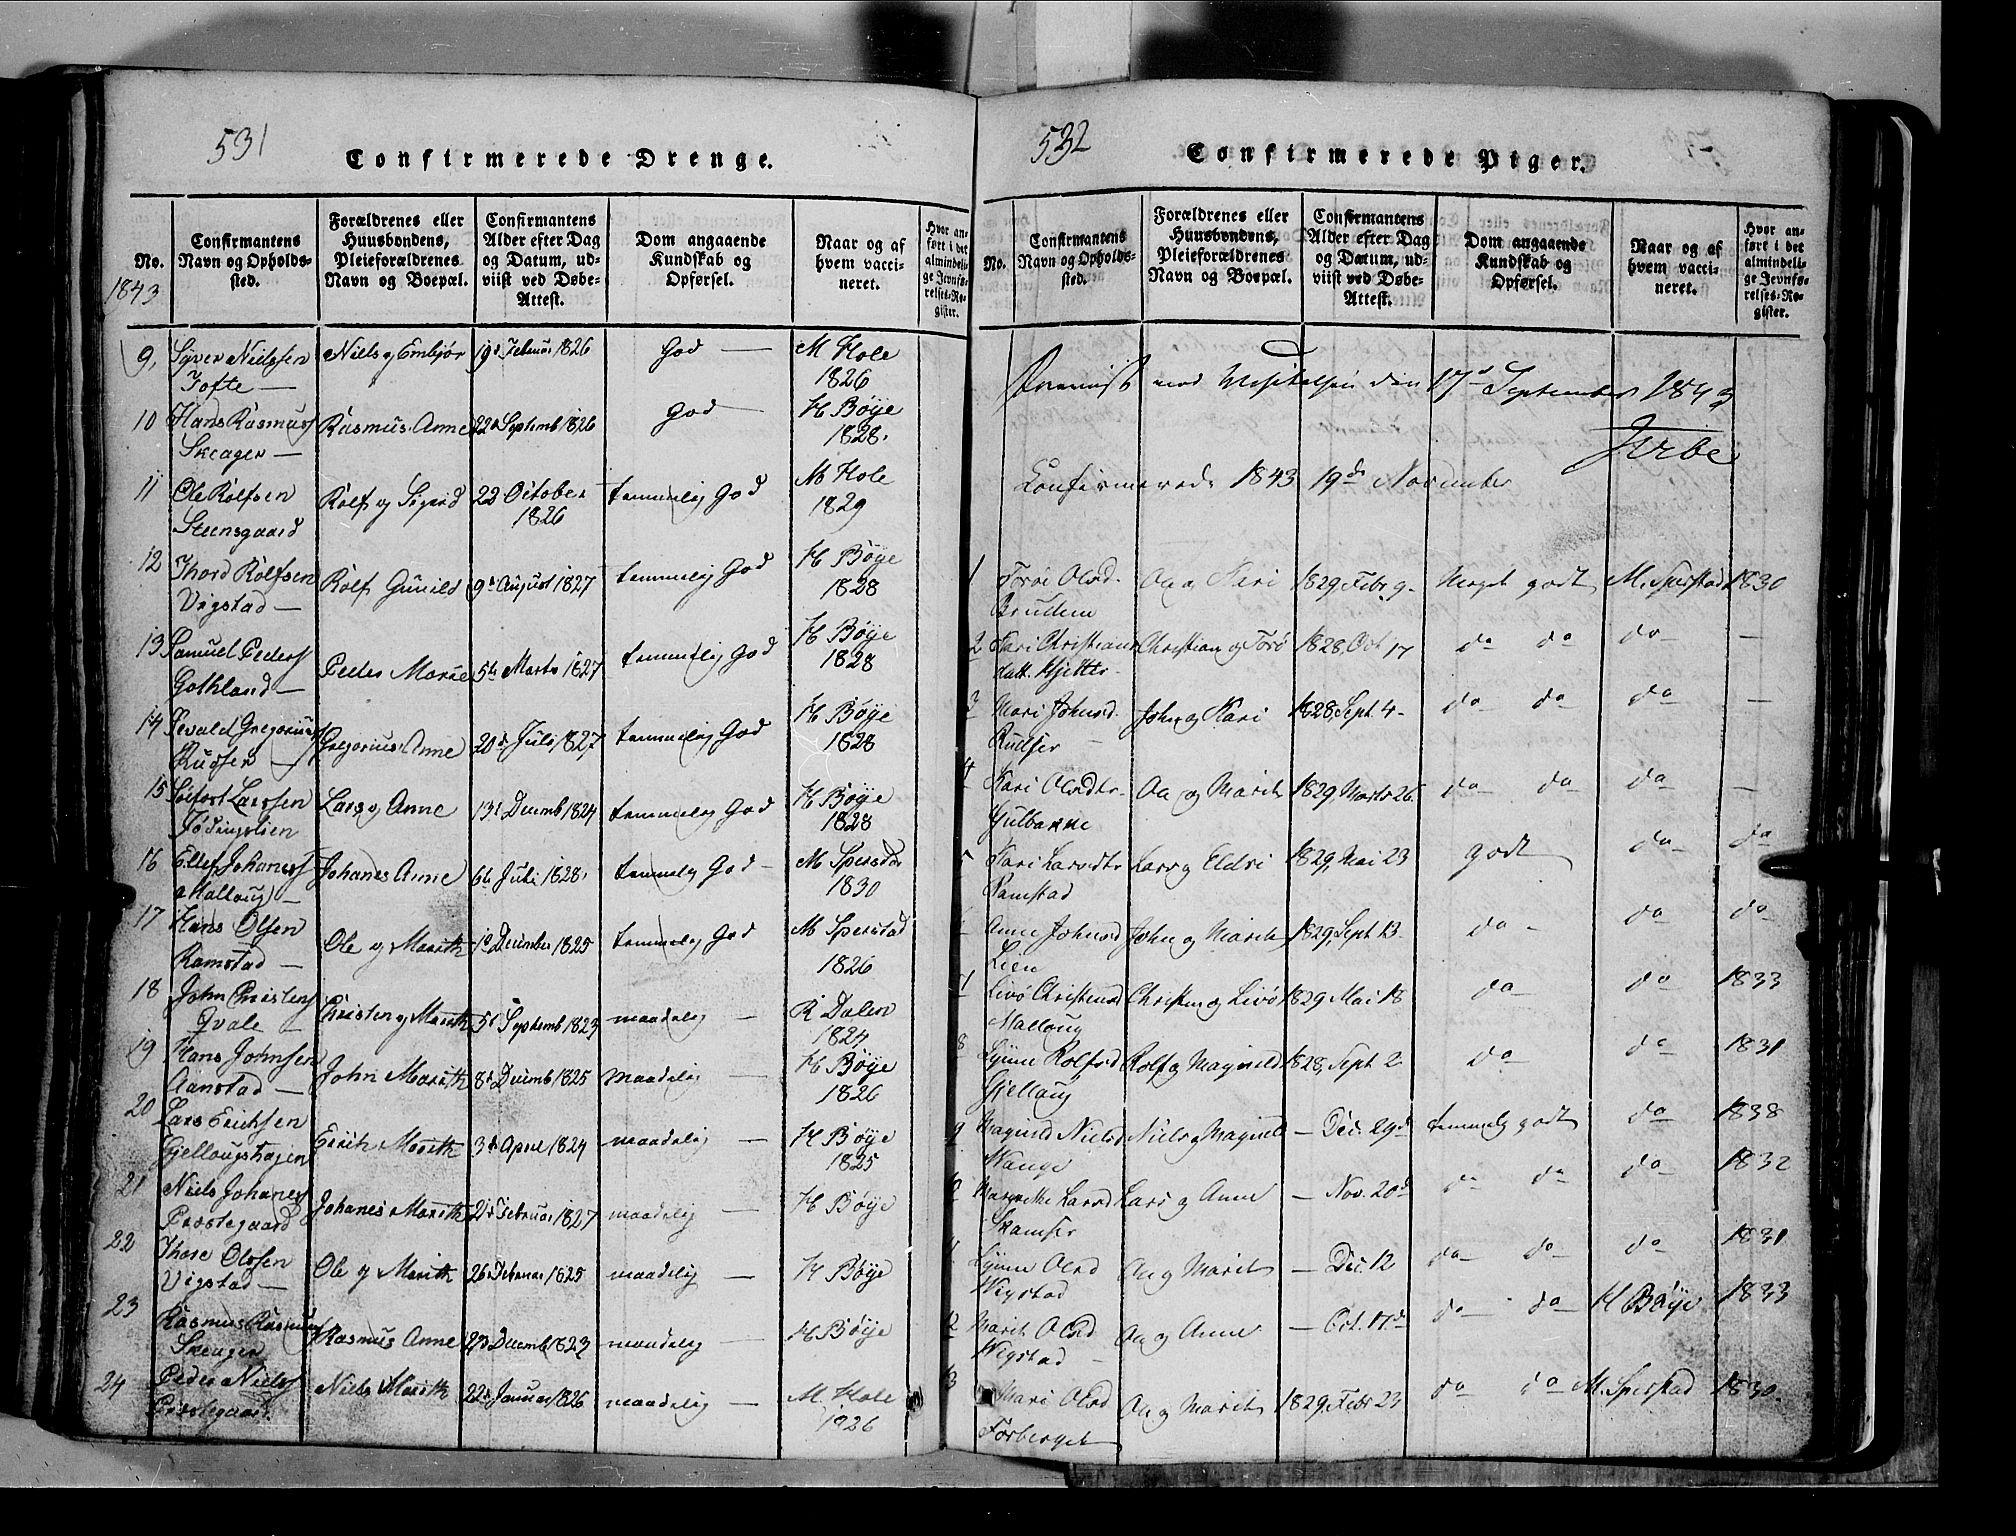 SAH, Lom prestekontor, L/L0003: Klokkerbok nr. 3, 1815-1844, s. 531-532